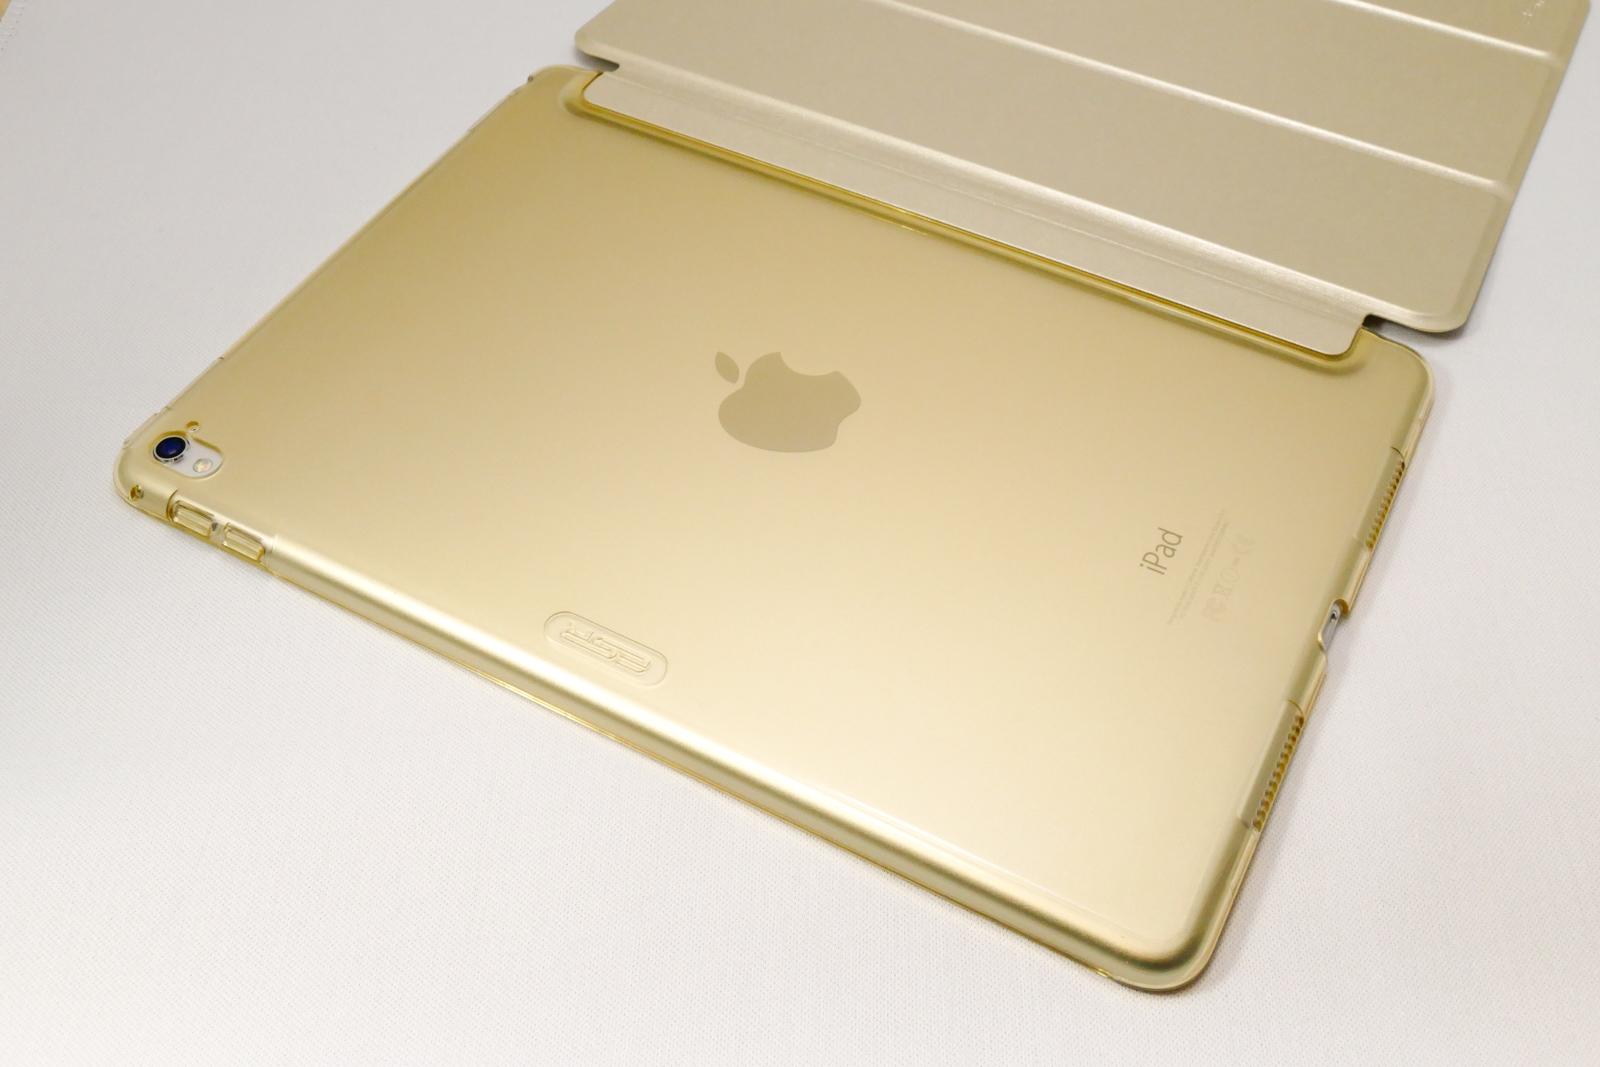 iPad Proとゴールドのカバー